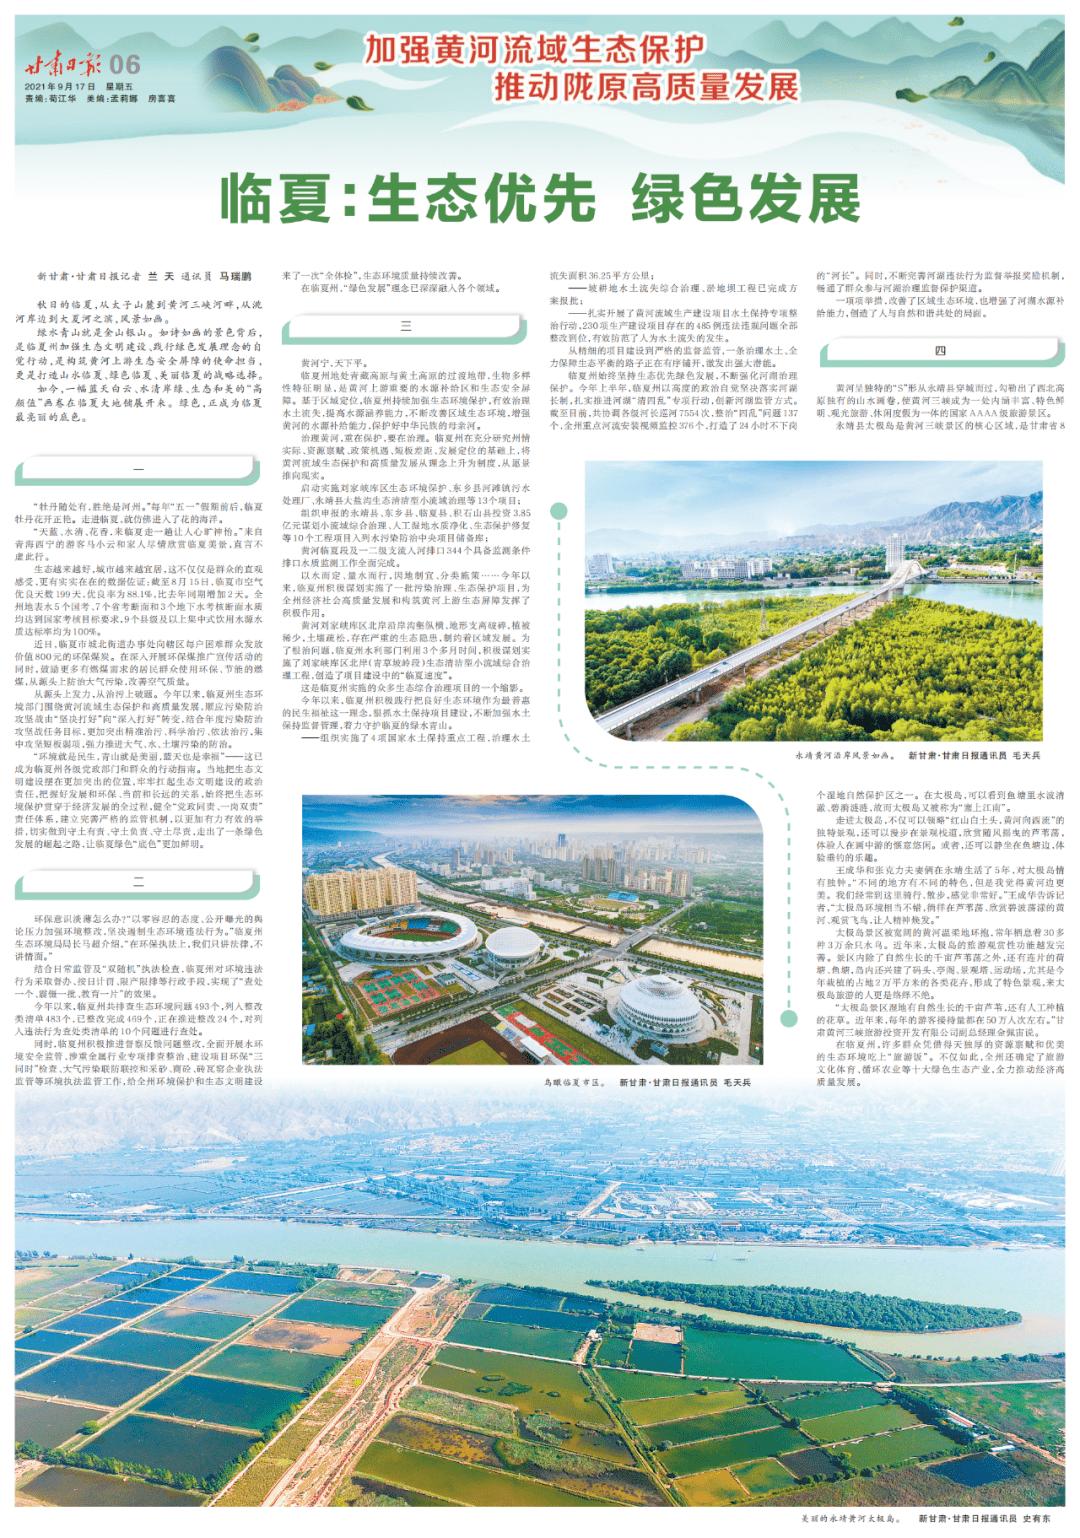 加强黄河流域生态保护 推动陇原高质量发展 | 临夏:生态优先 绿色发展